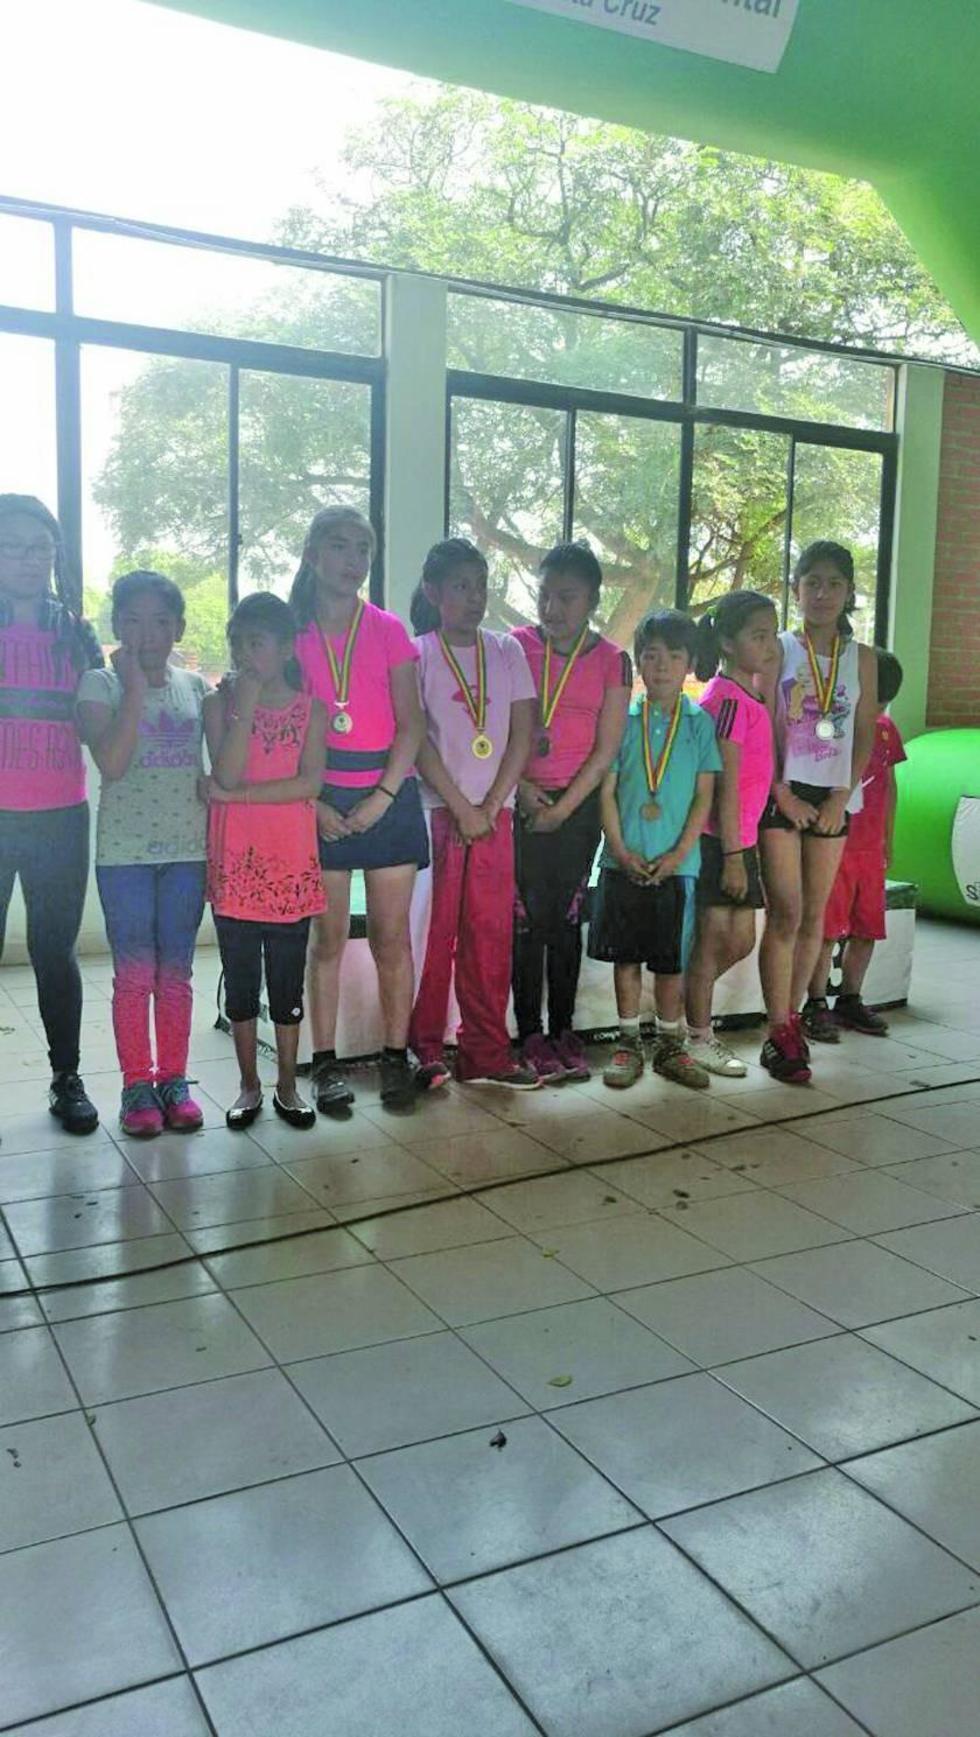 La selección potosina que obtuvo medallas en Santa Cruz.